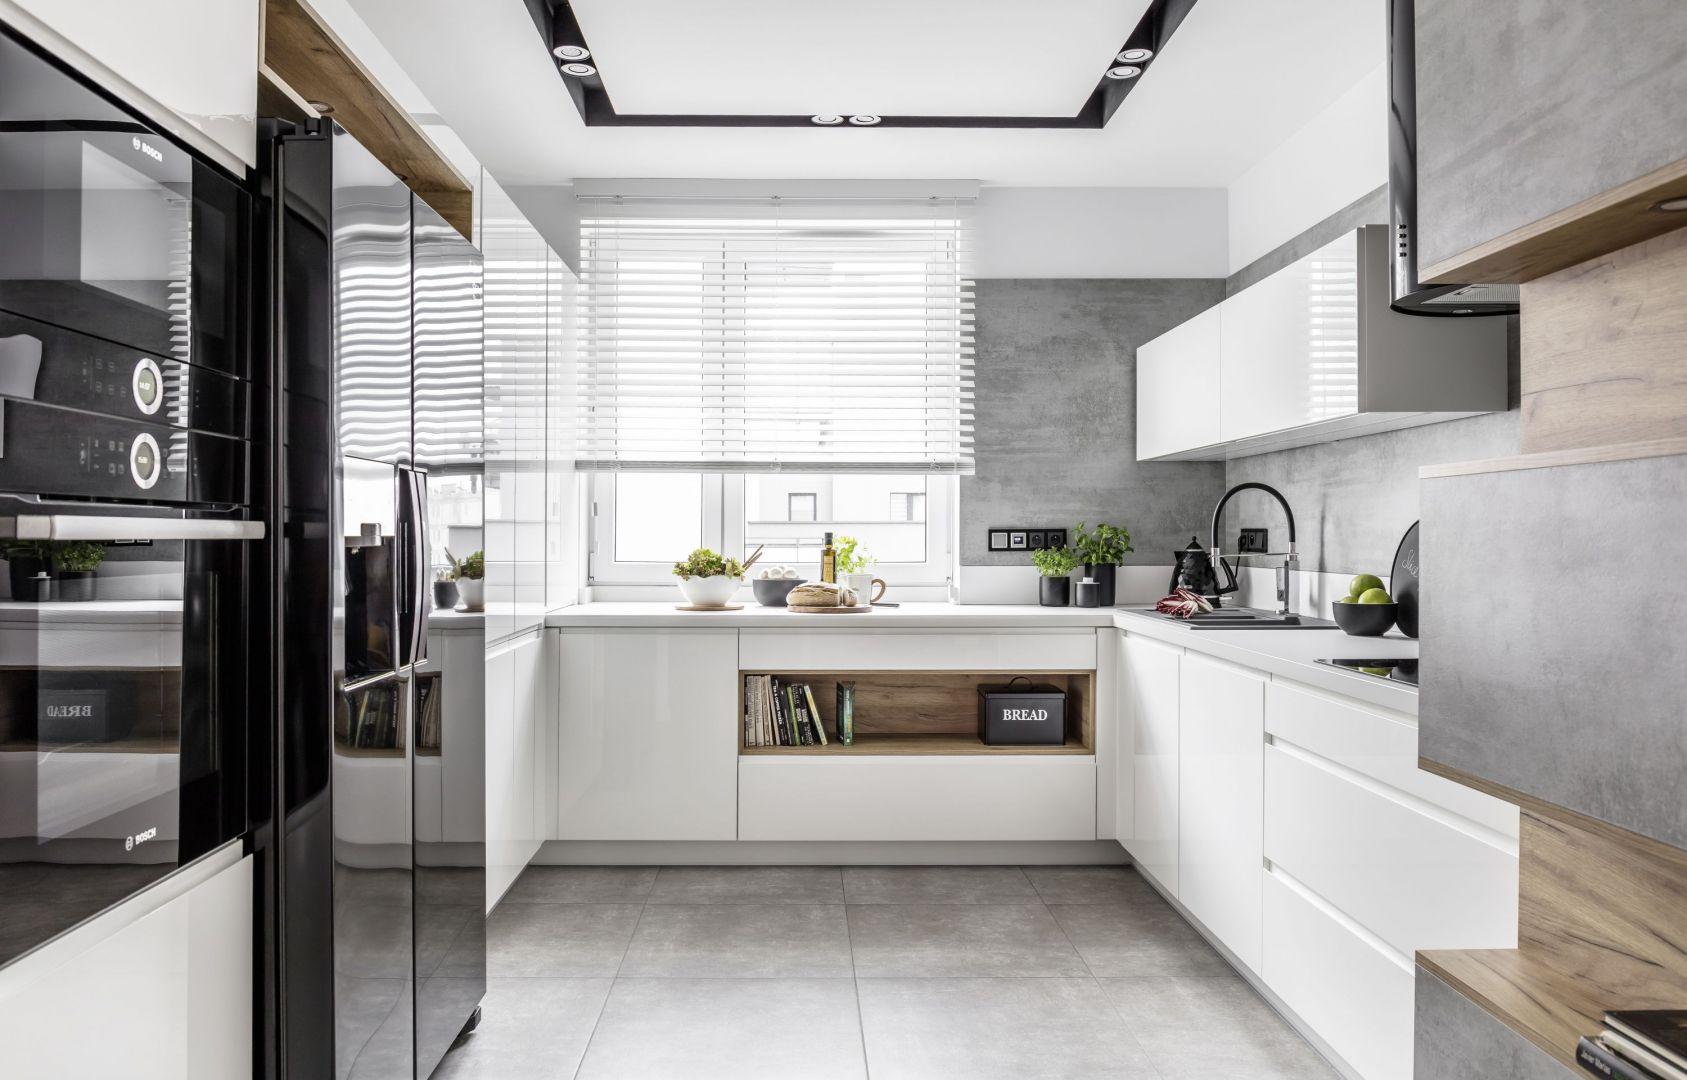 Biała kuchnia z oferty Atlas Kuchnie